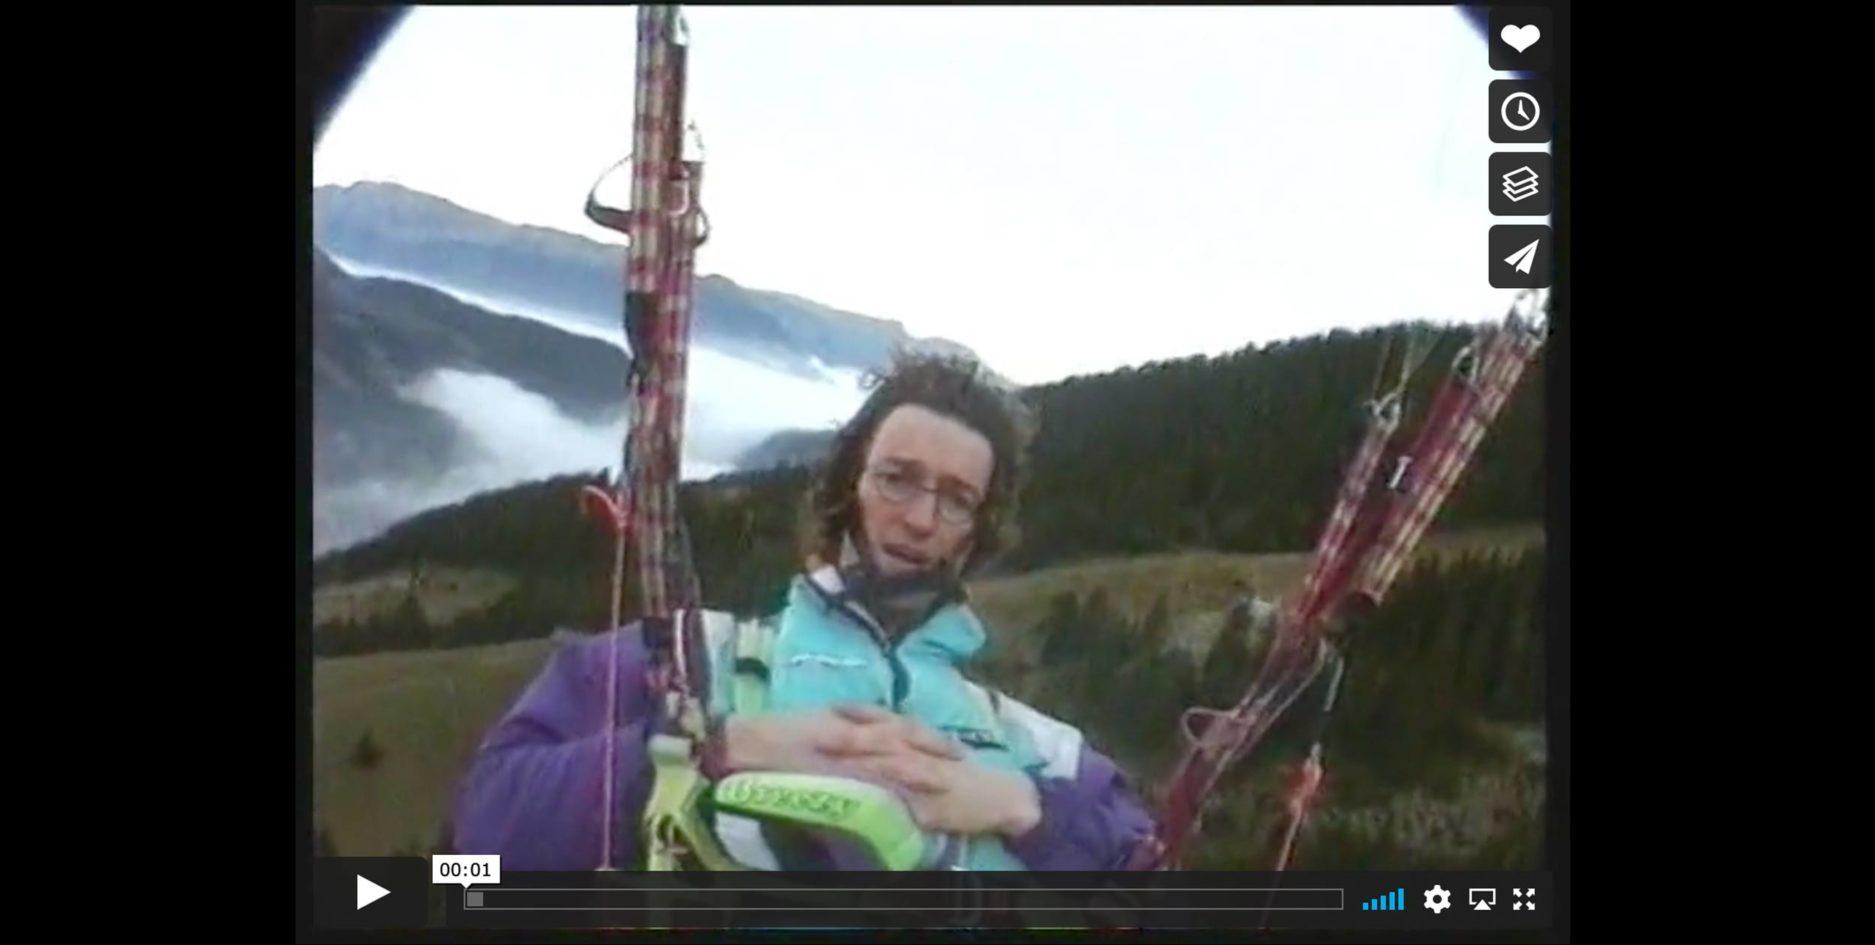 Pierre Bouilloux triangle video